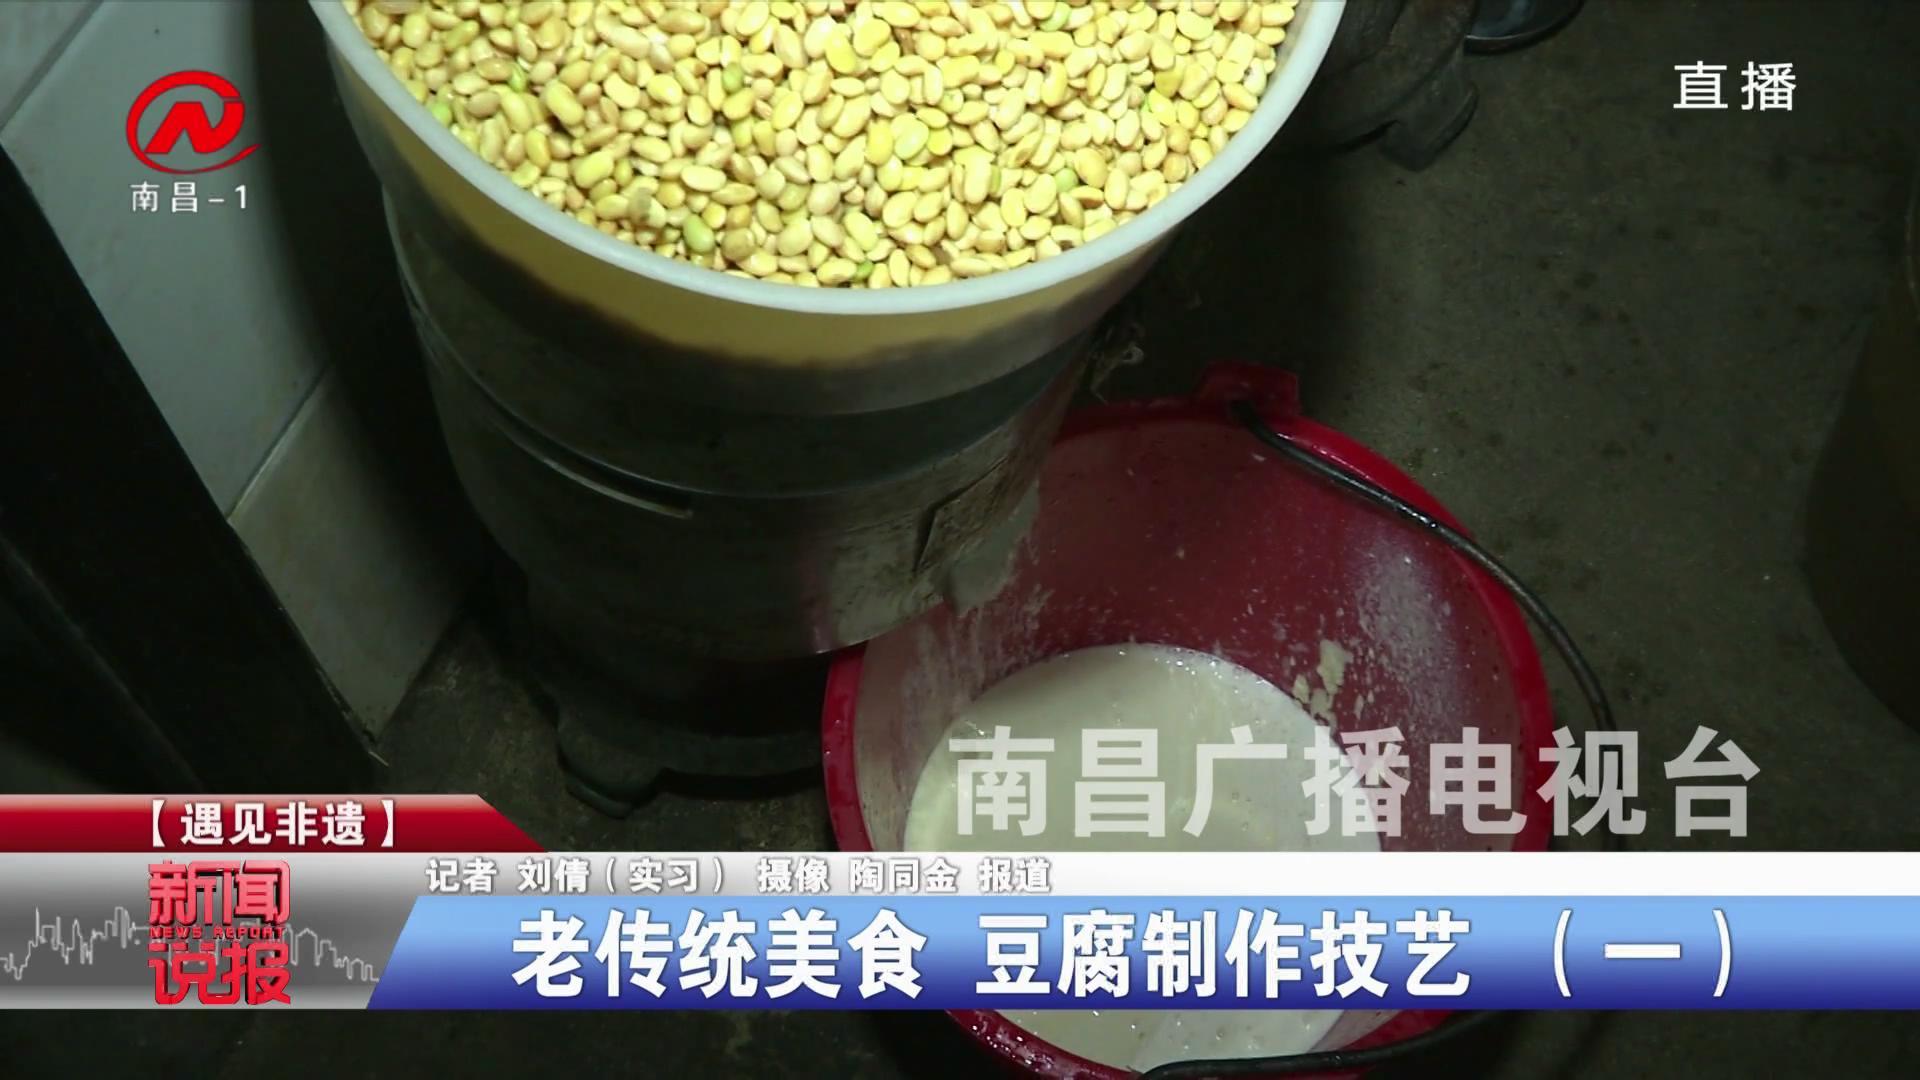 老传统美食 豆腐制作技艺